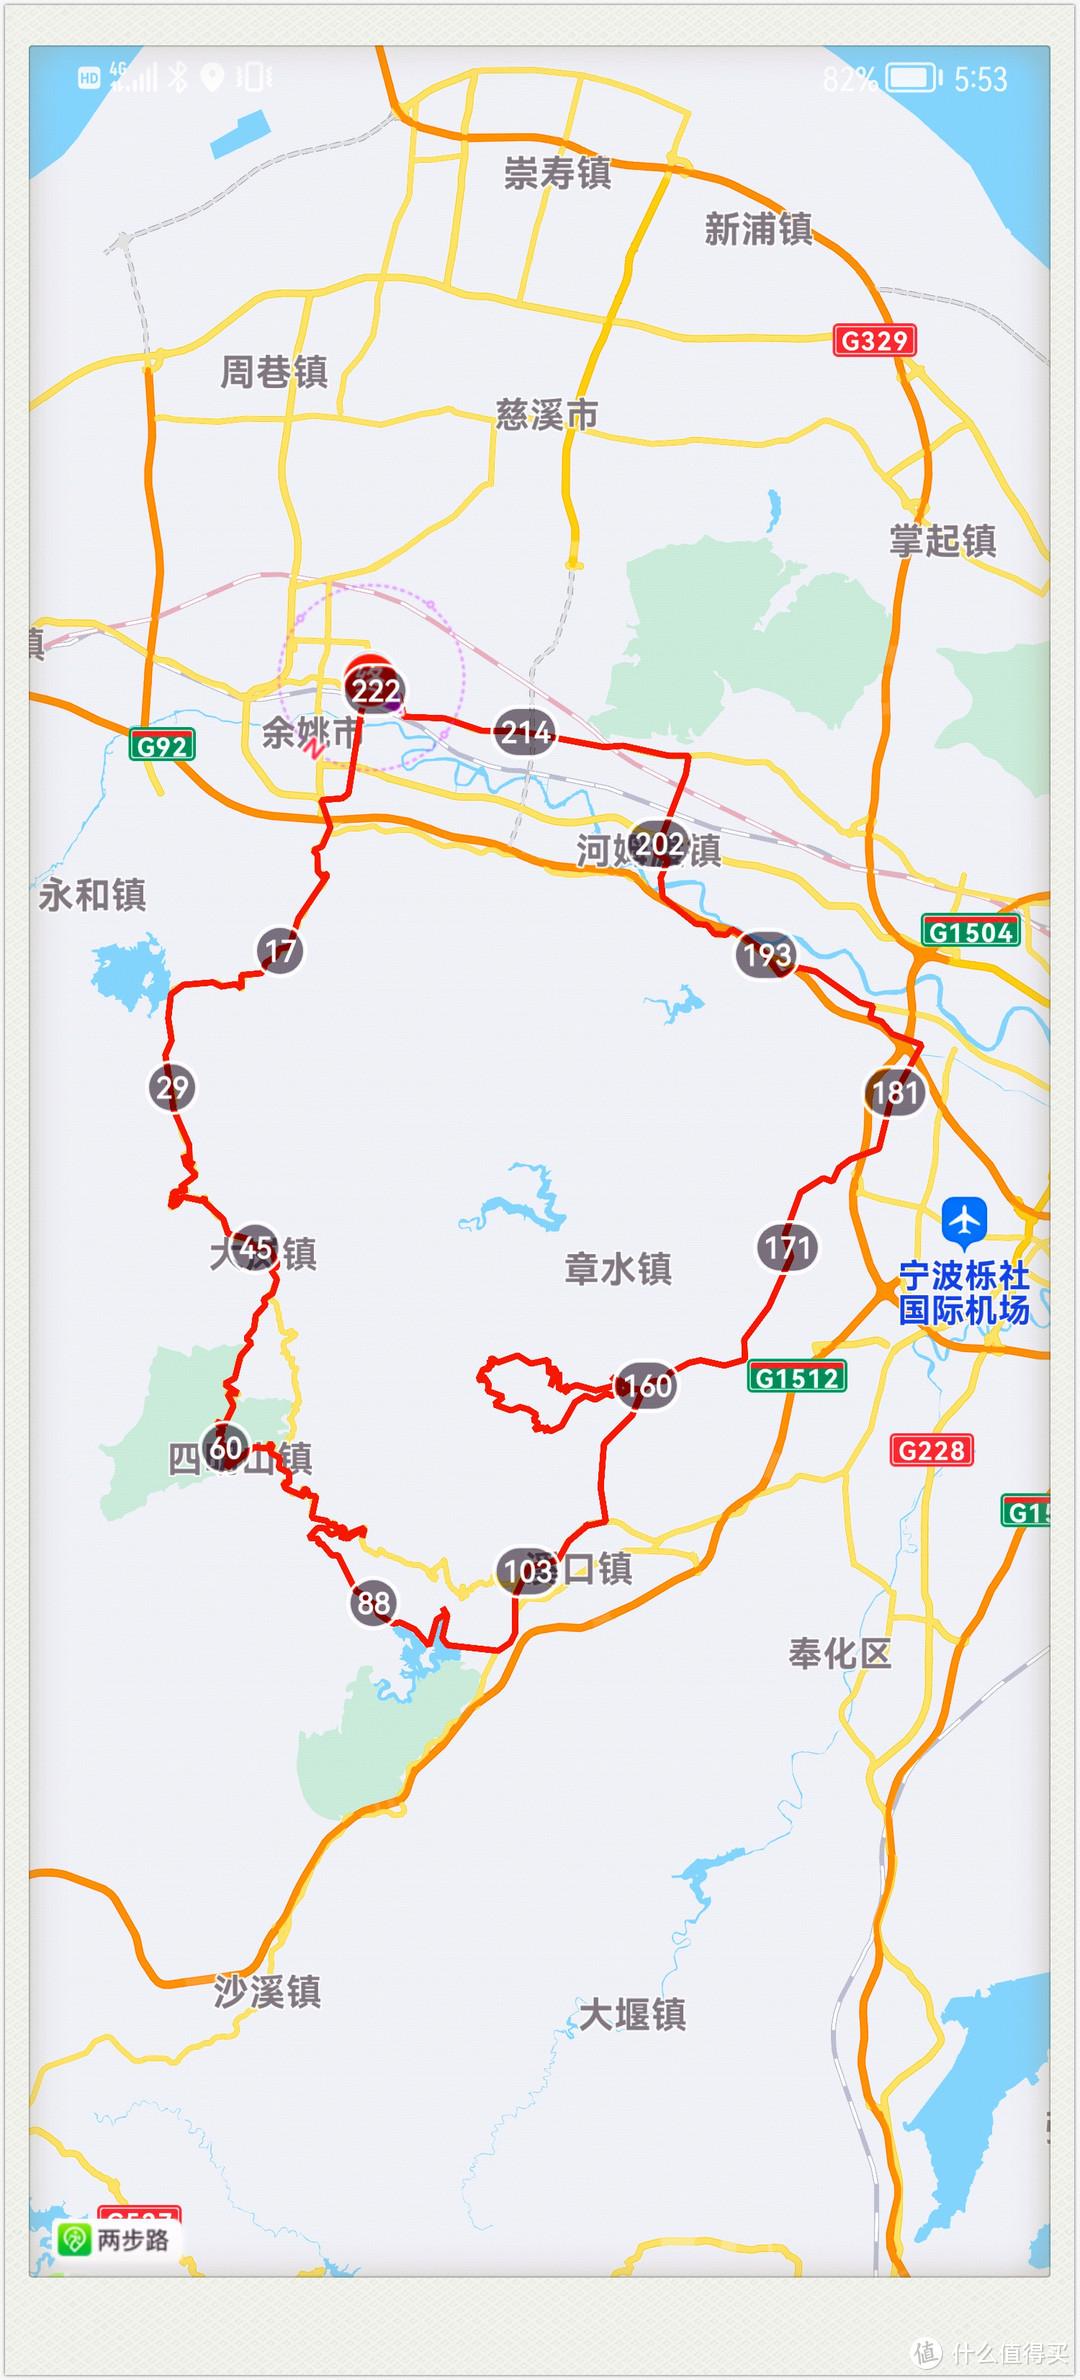 DAY2 7.10 的总路线